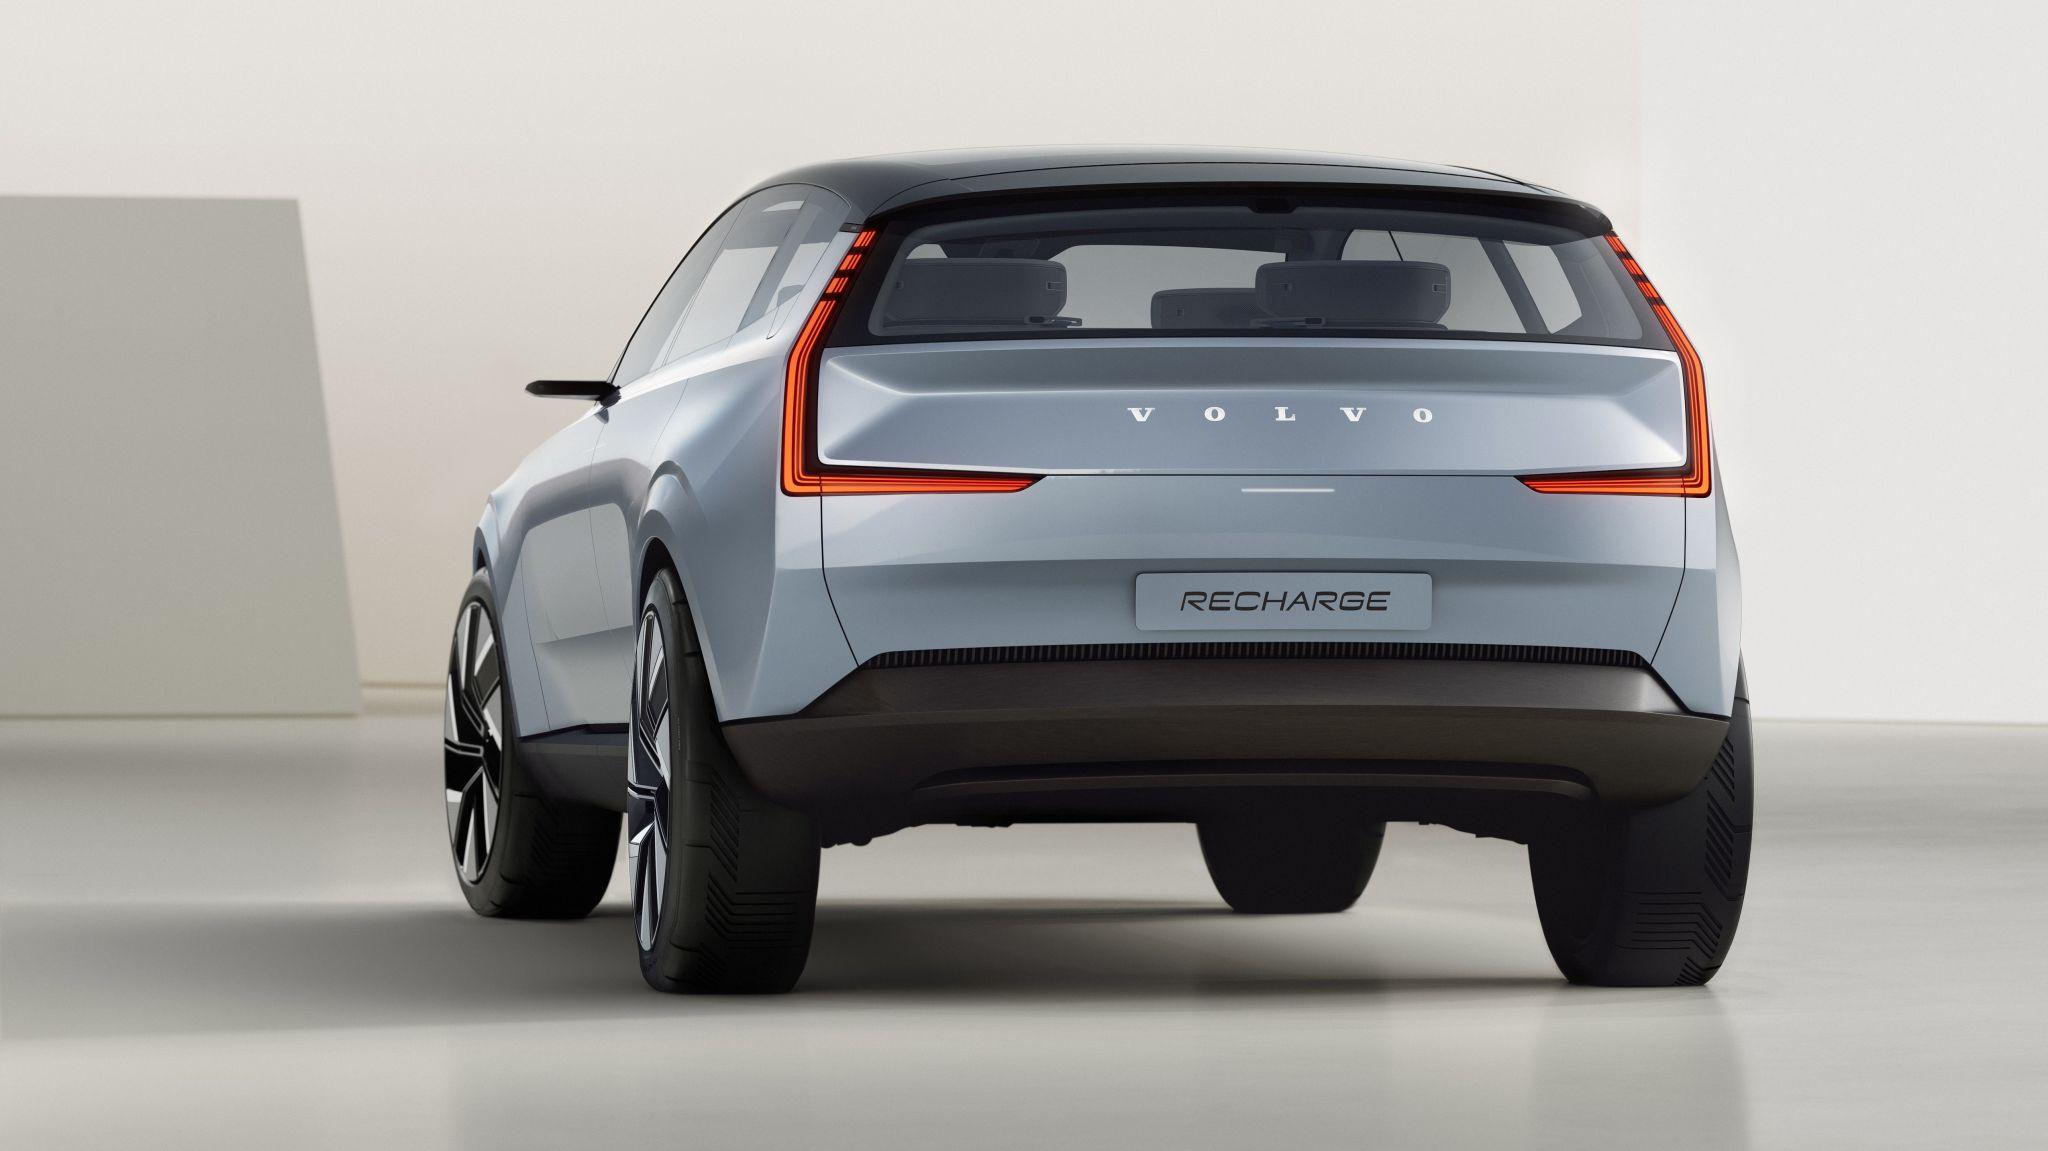 Volvo concept car logo